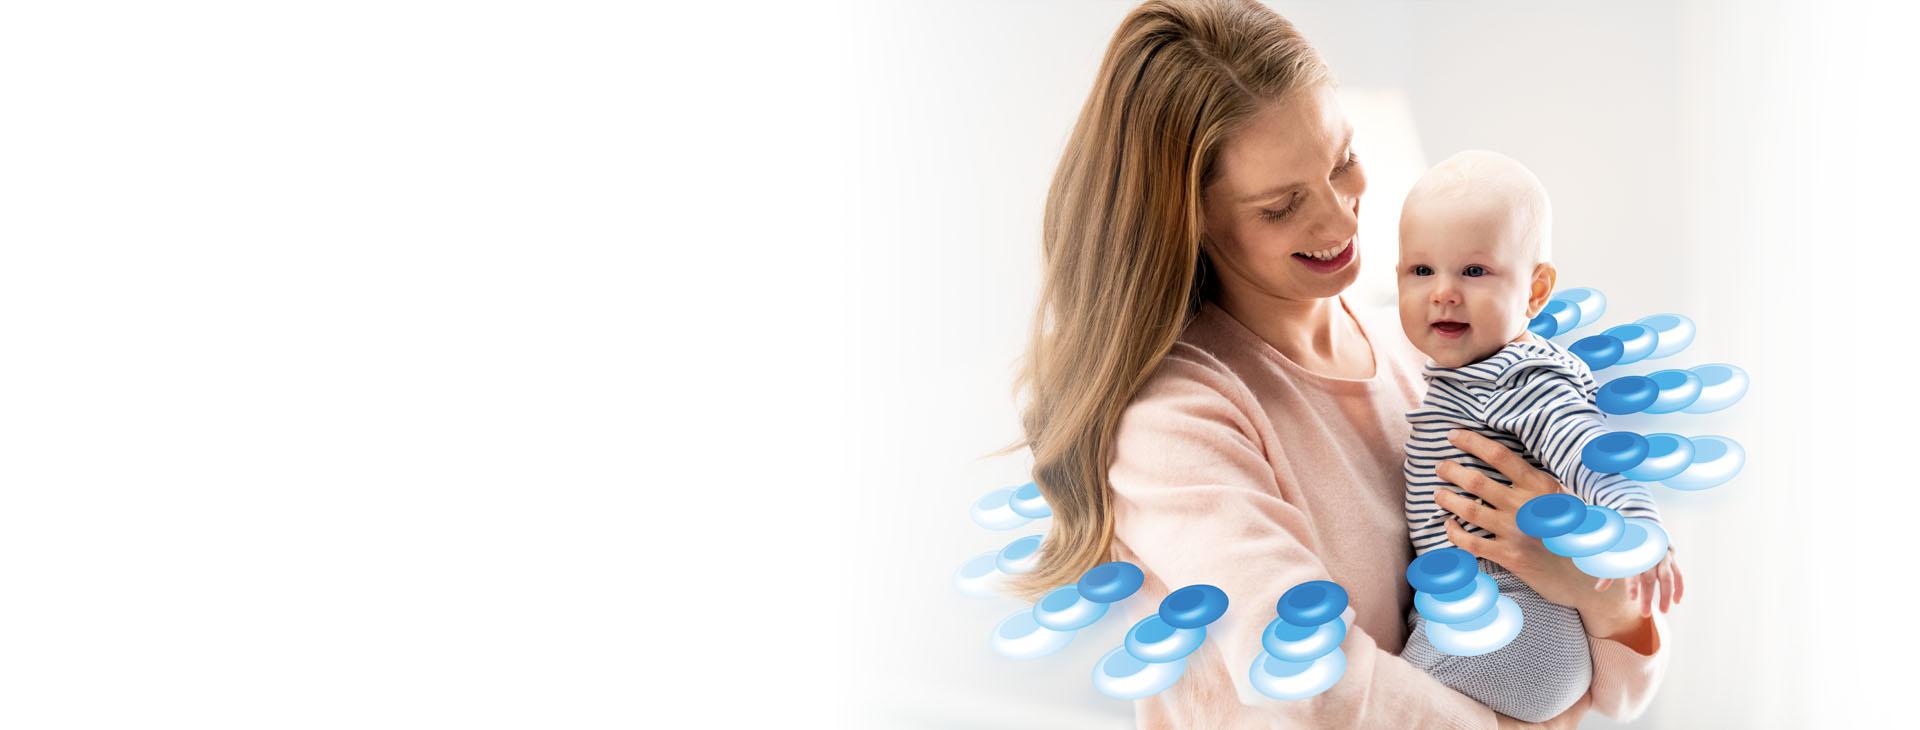 Synbiotyk Multilac: kobieta trzyma na rękach małe dziecko